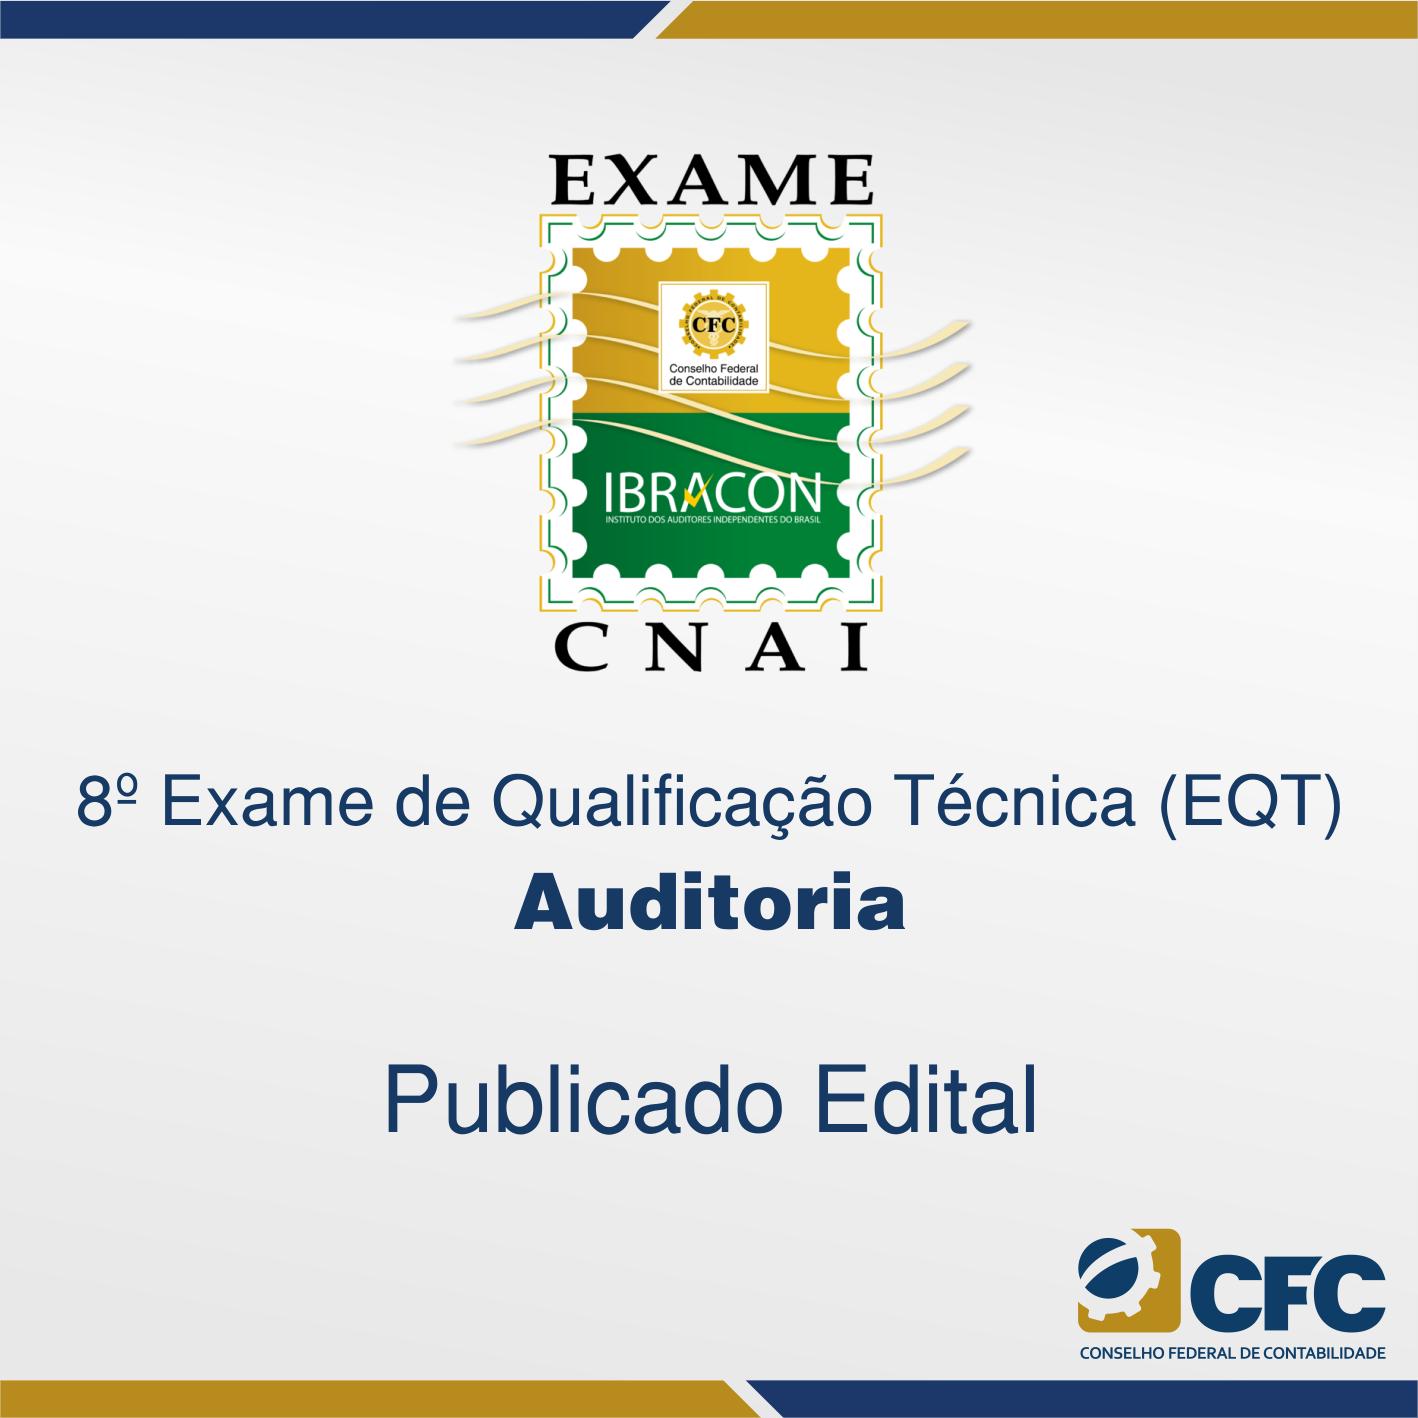 Publicado Edital do18ºExame de Qualificação Técnica - Auditoria